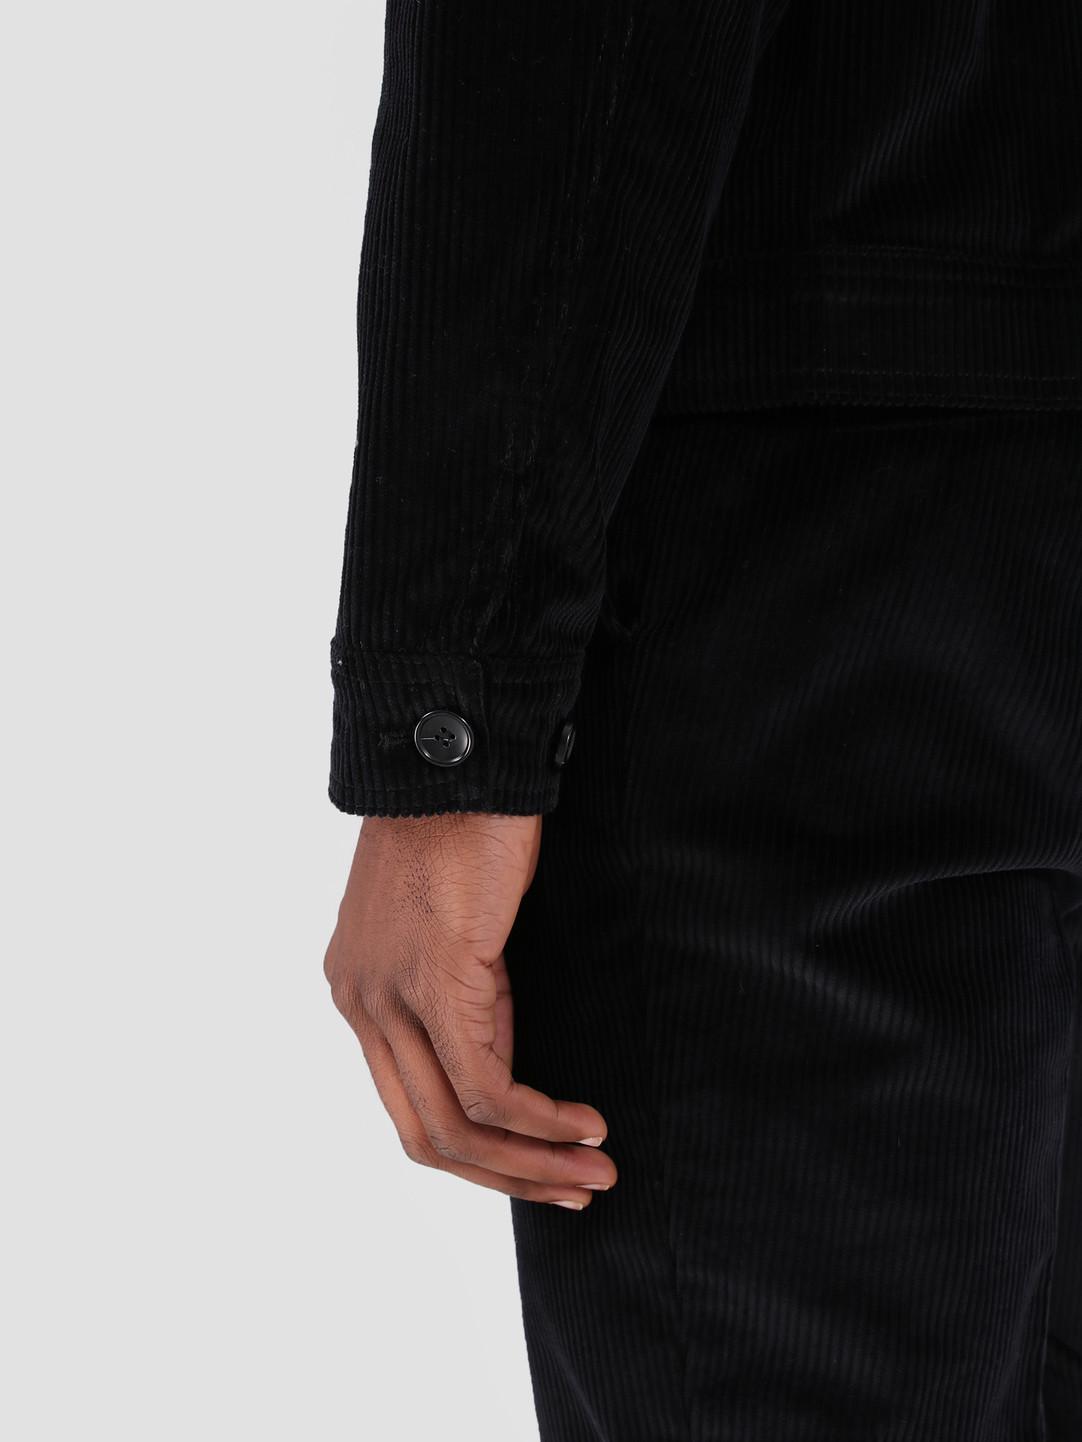 Libertine Libertine Libertine Libertine Loder Jacket Black 1531